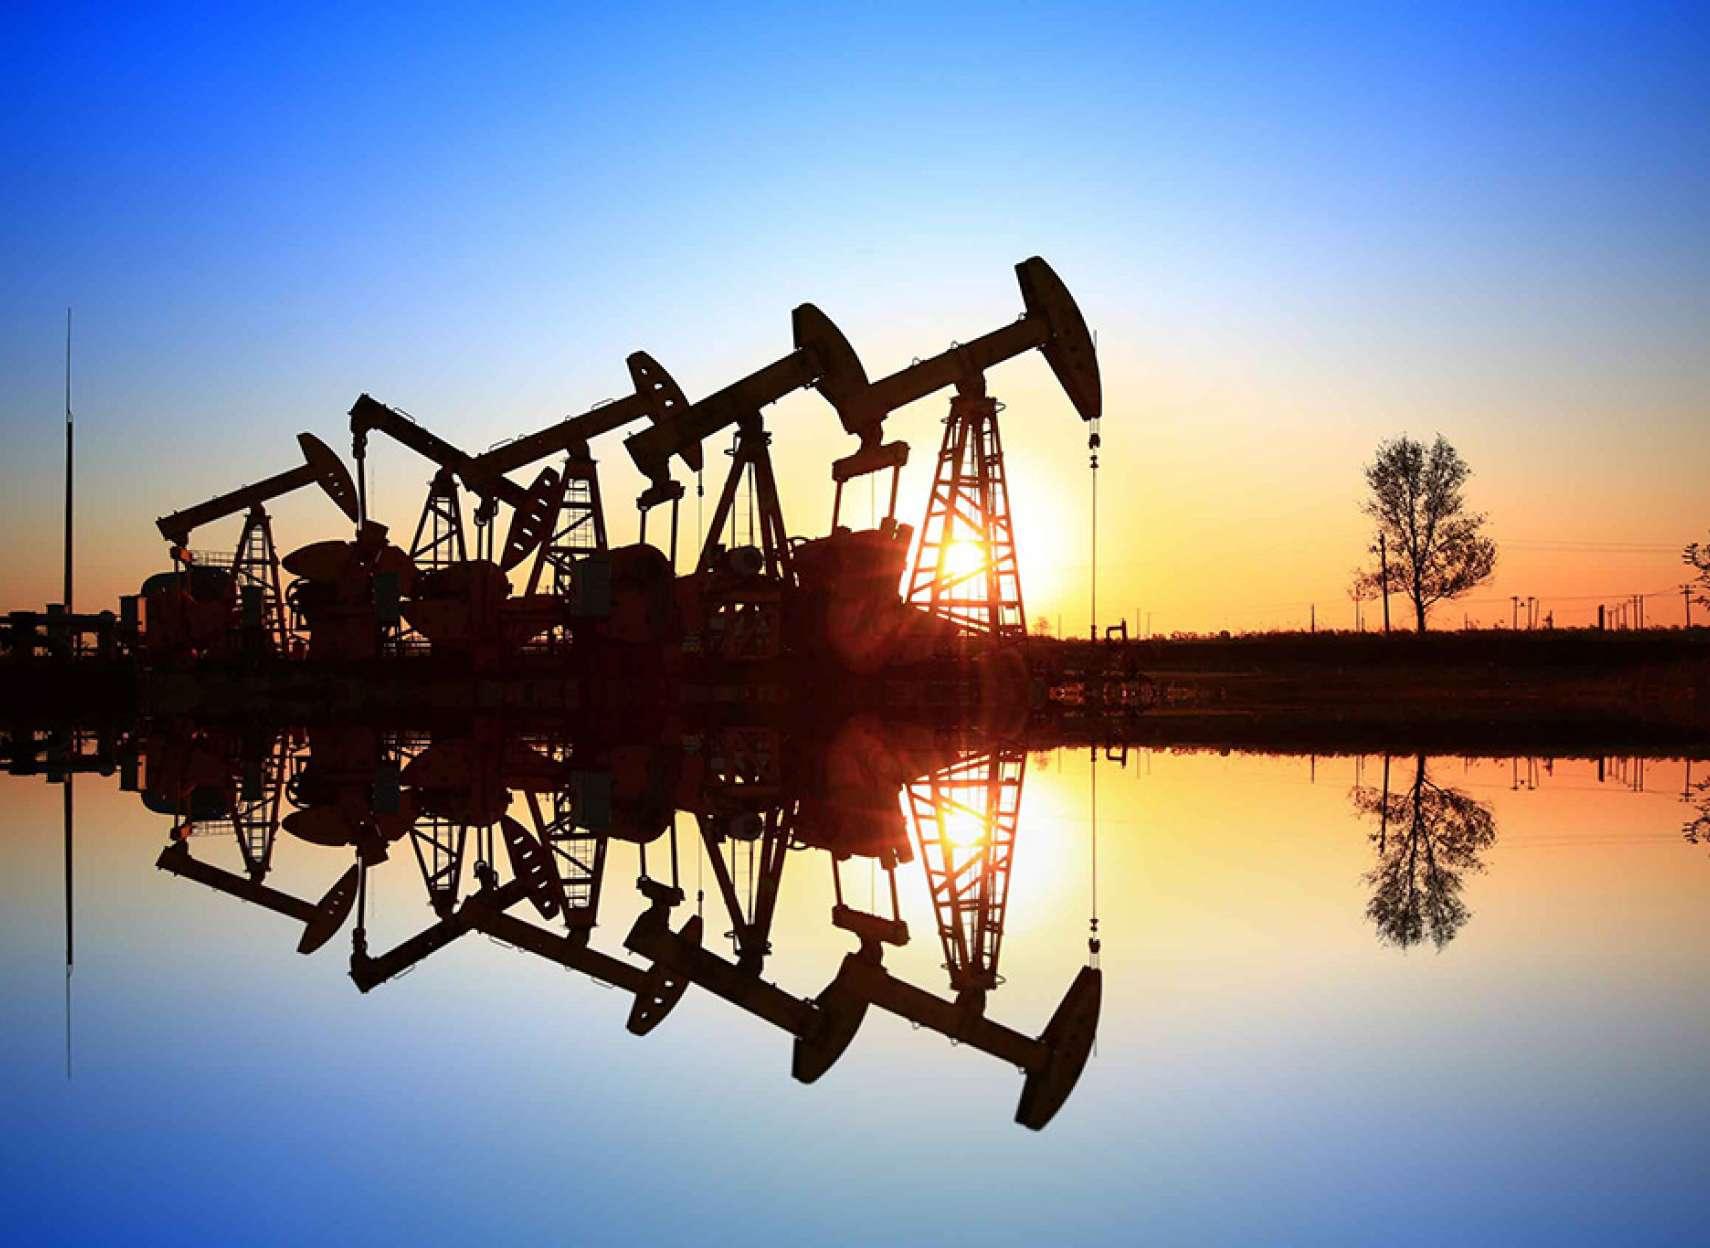 اخبار-کانادا-شرکتهای-نفتی-کانادا-حراج-شدند